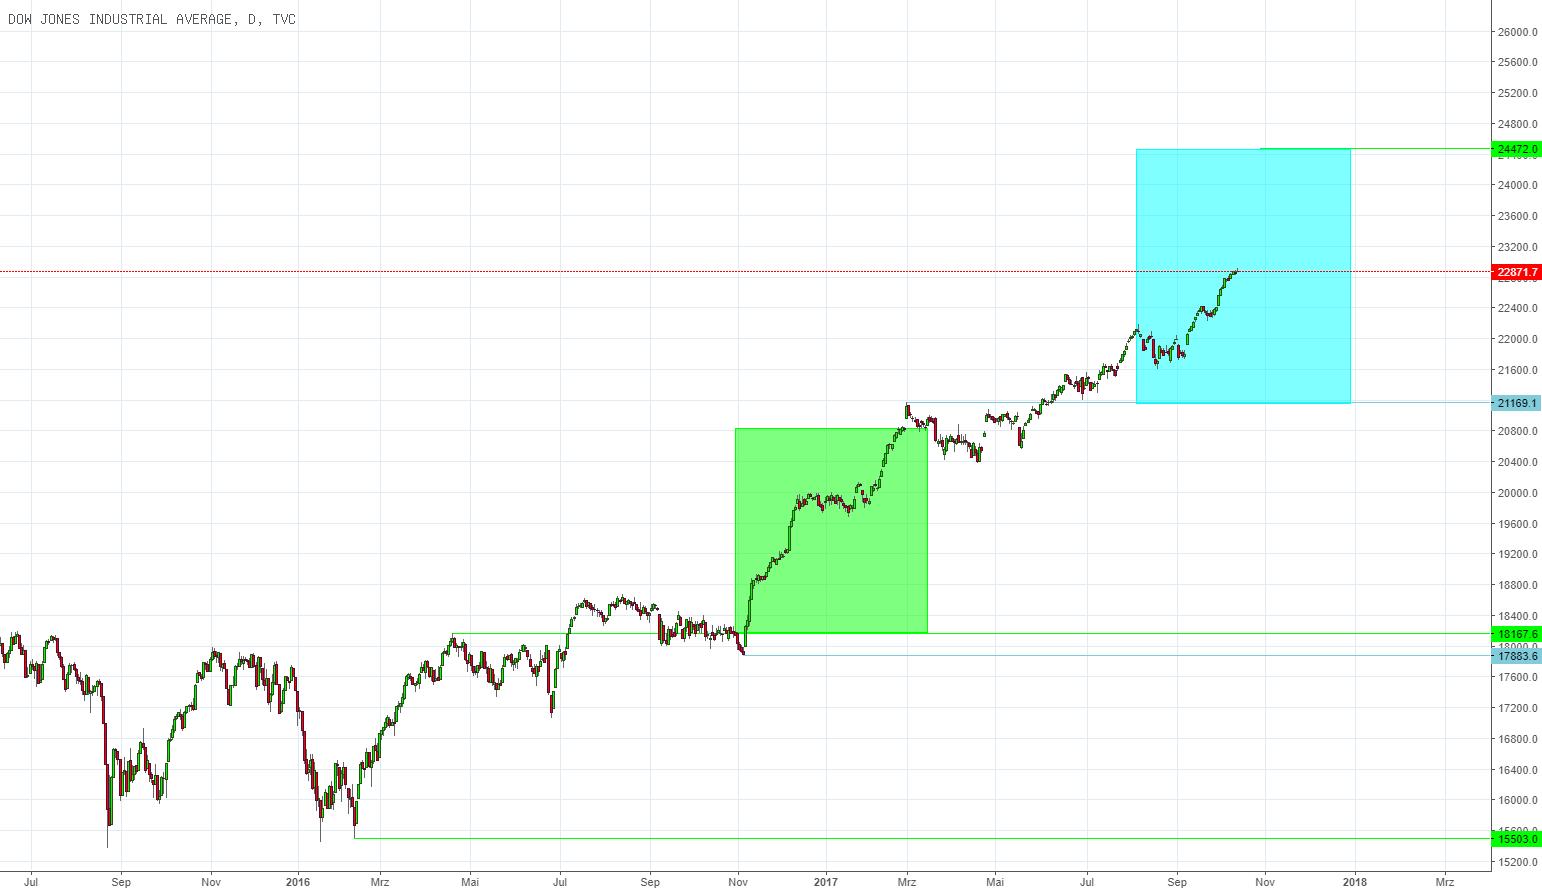 Kurszielermittlung für Dow Jones Industrial Average